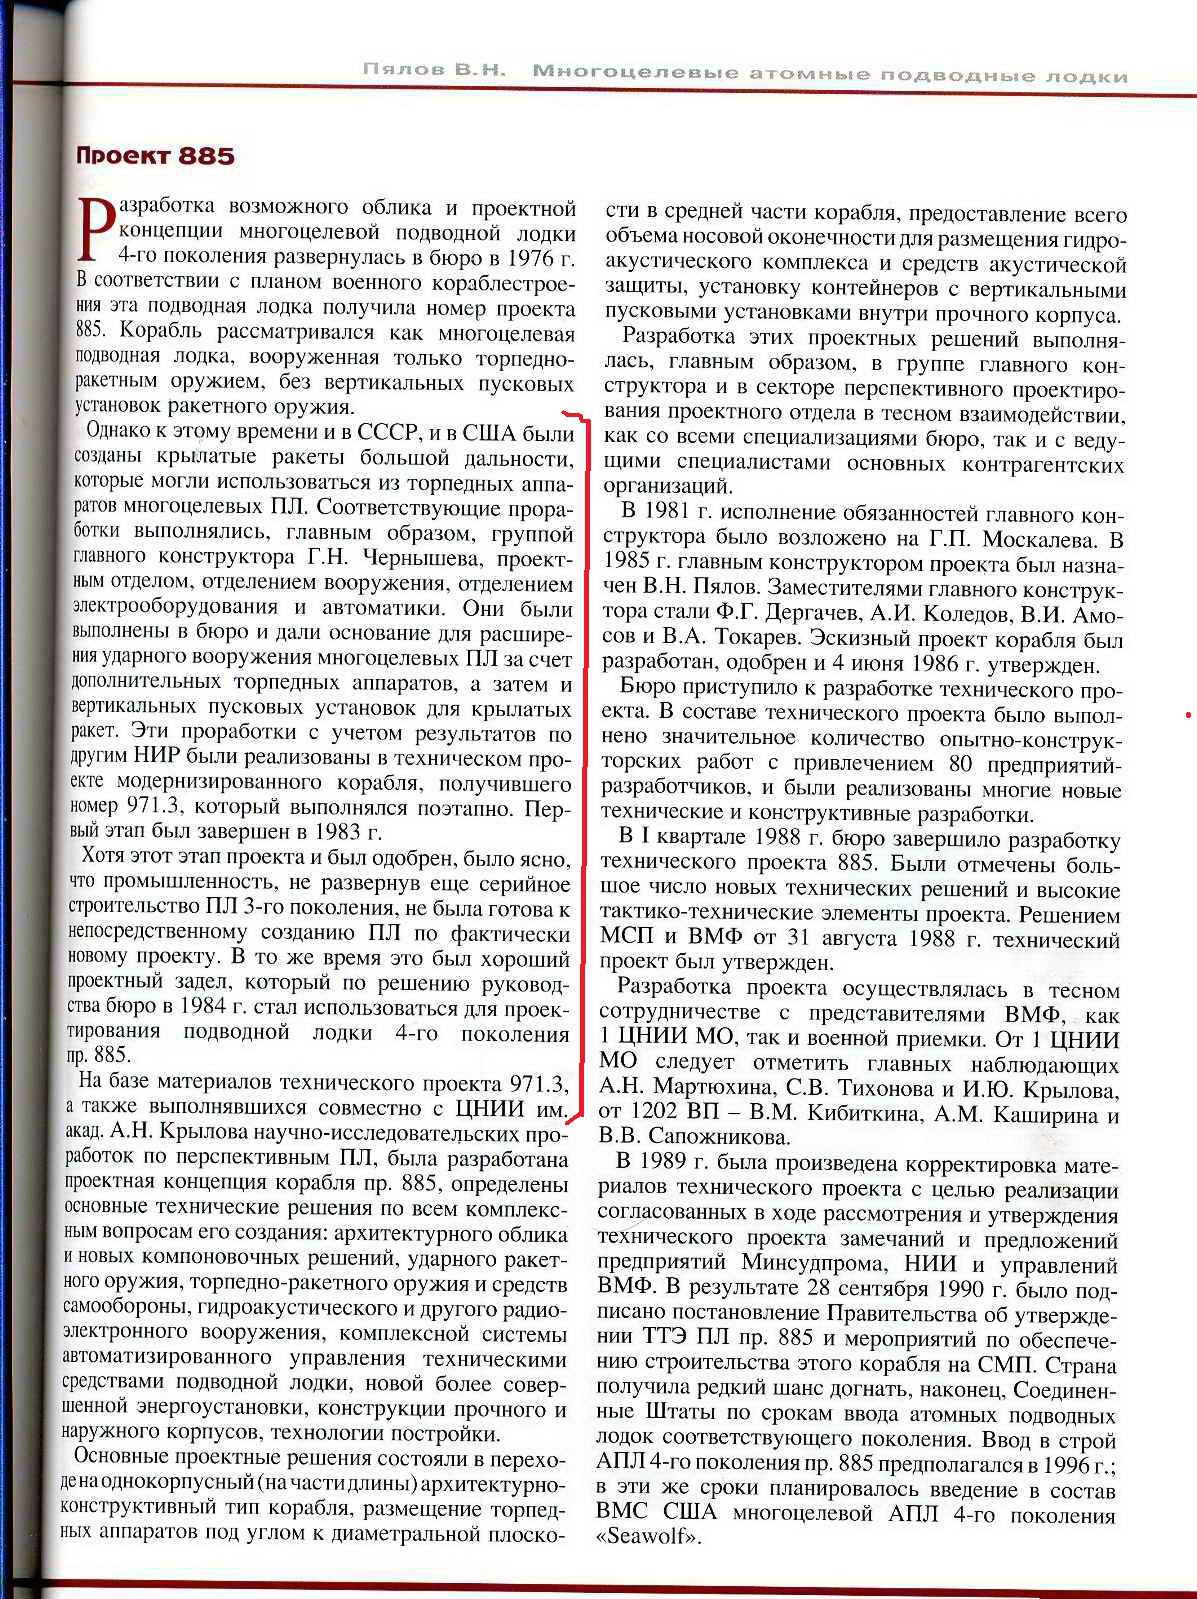 https://forumupload.ru/uploads/000a/e3/16/233/20679.jpg